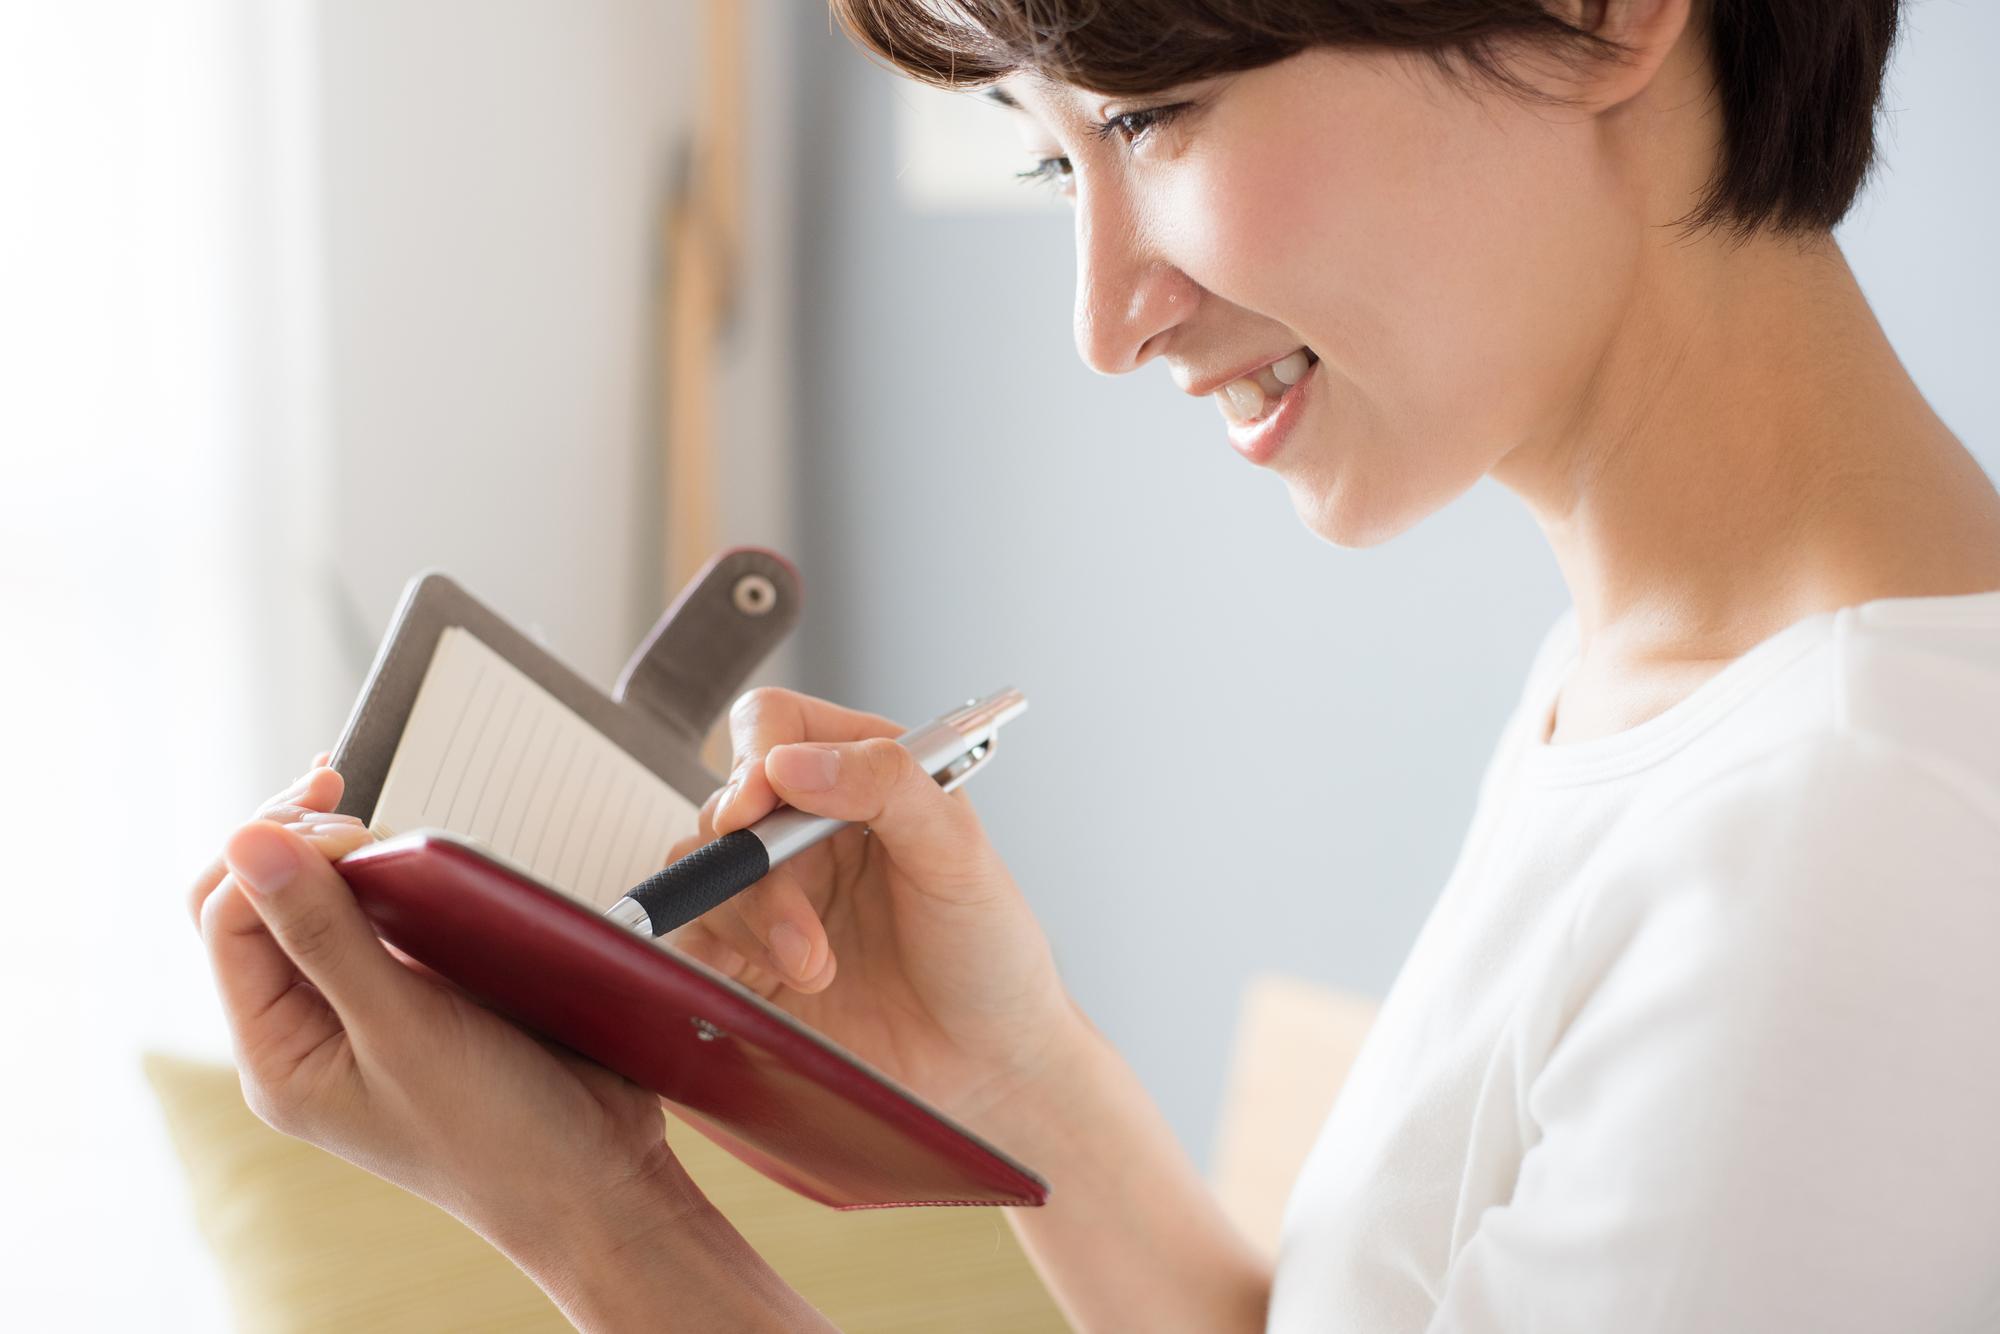 手帳にメモを取る女性